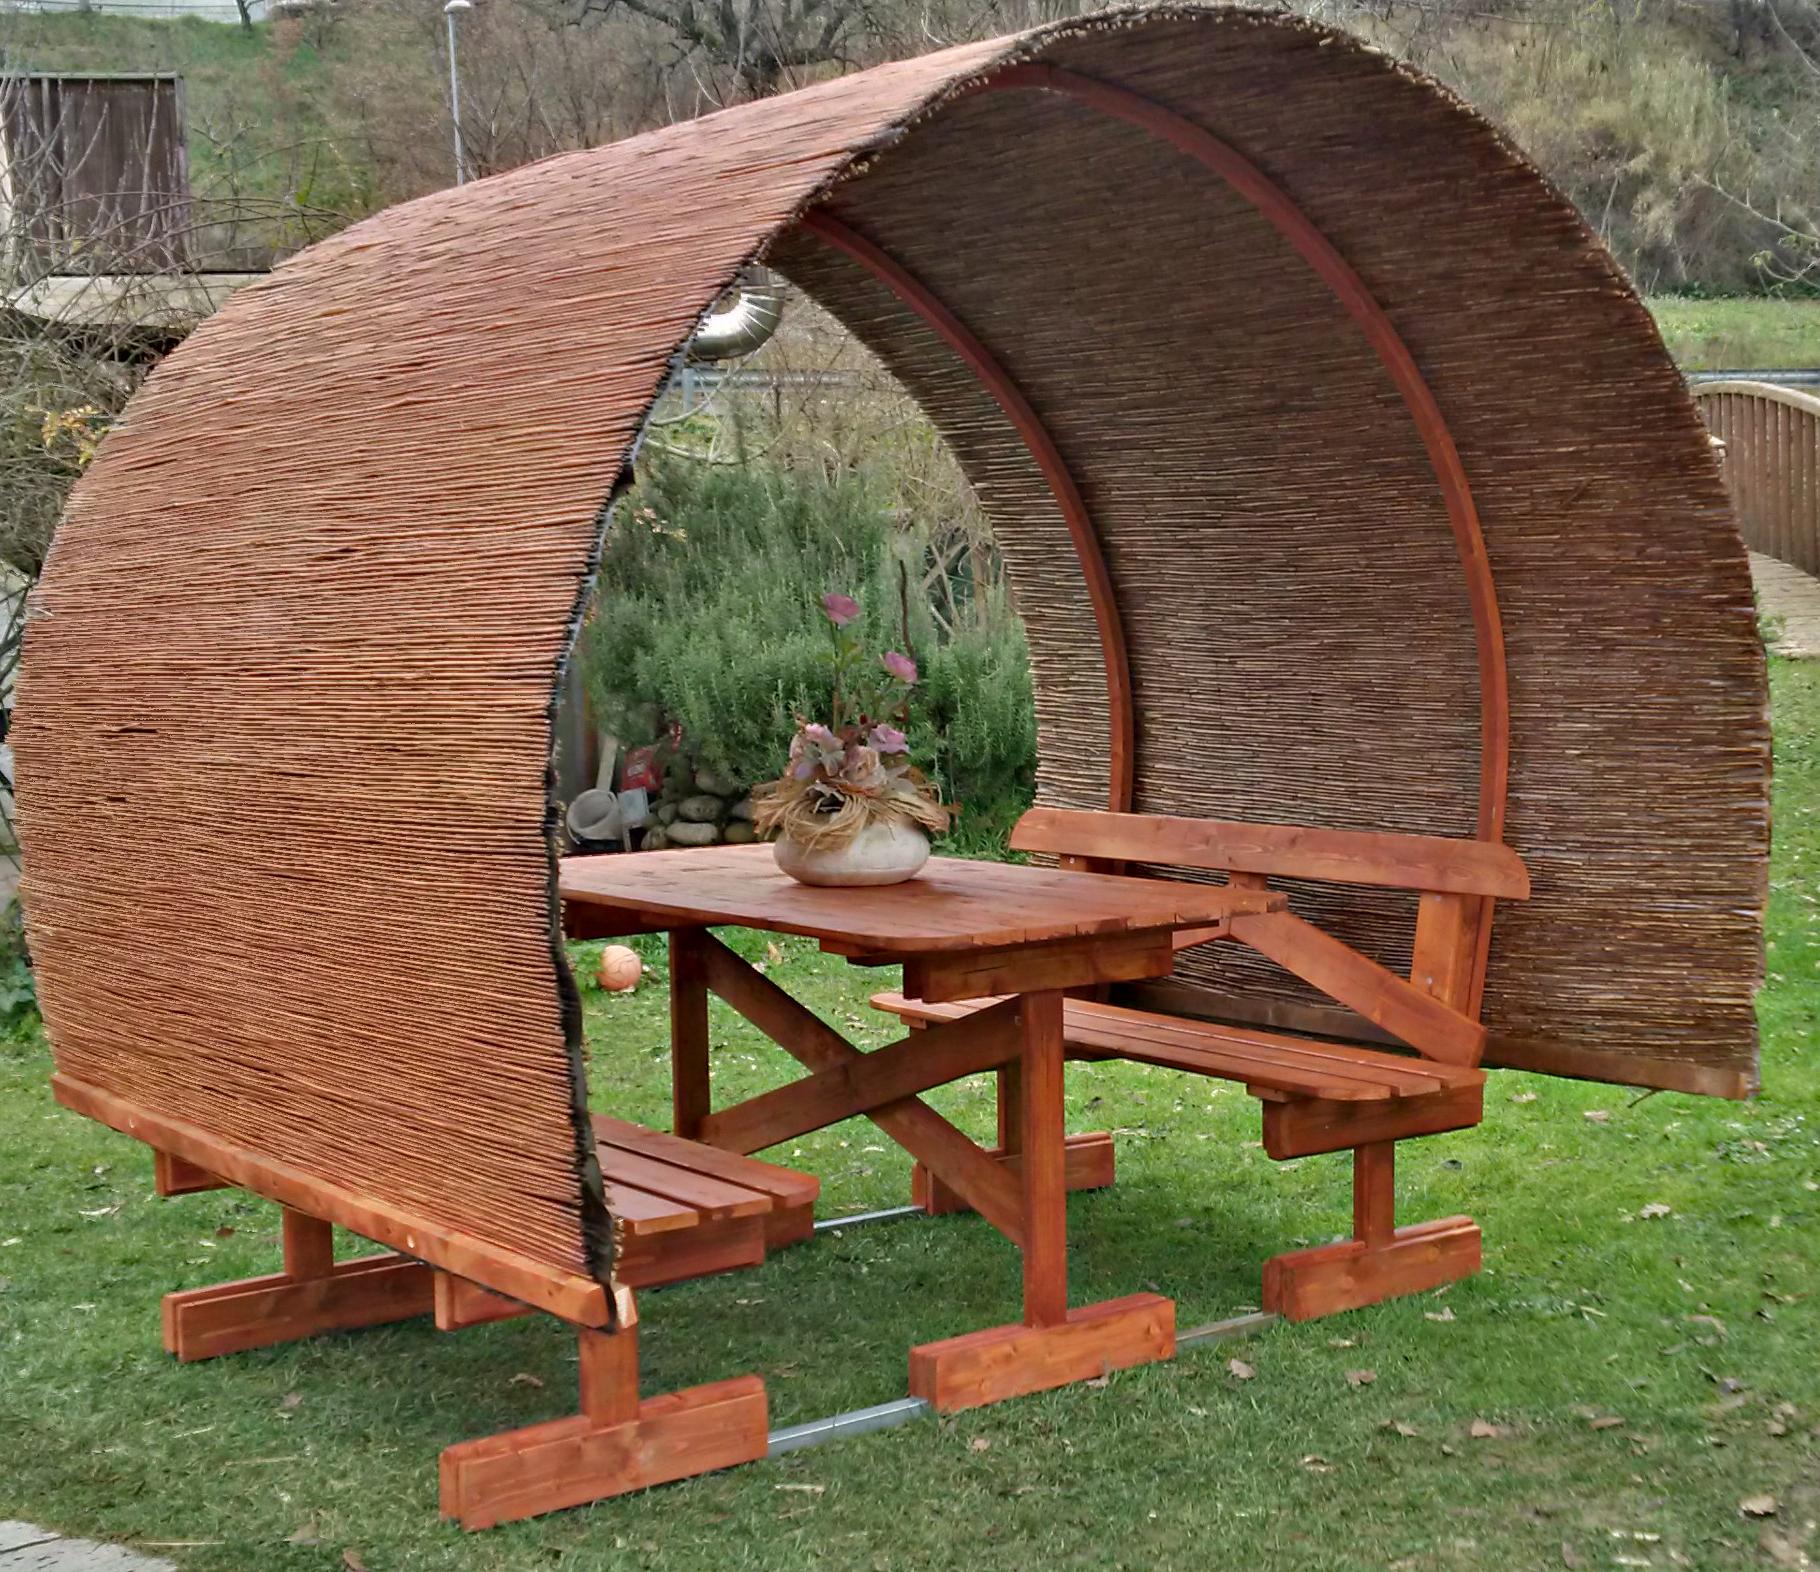 Tavoli per l 39 esterno in legno tavolo in legno con copertura mod botte - Tavoli per esterno in legno ...